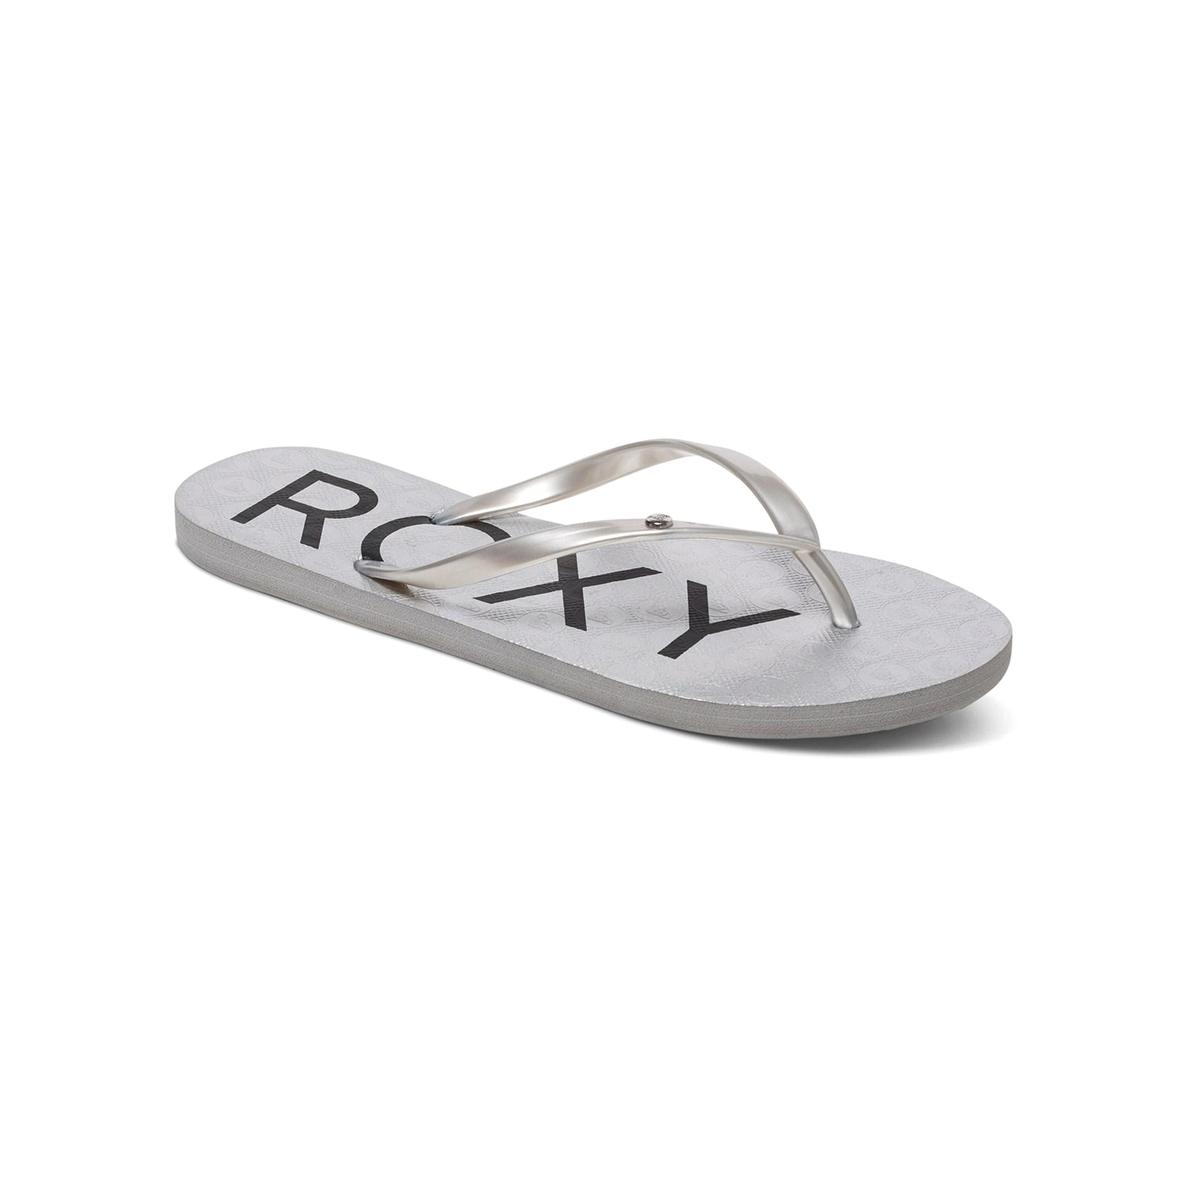 Вьетнамки SandyВерх : синтетика   Подошва : каучук   Форма каблука : плоский каблук   Мысок : открытый мысок   Застежка : без застежки<br><br>Цвет: серебристый